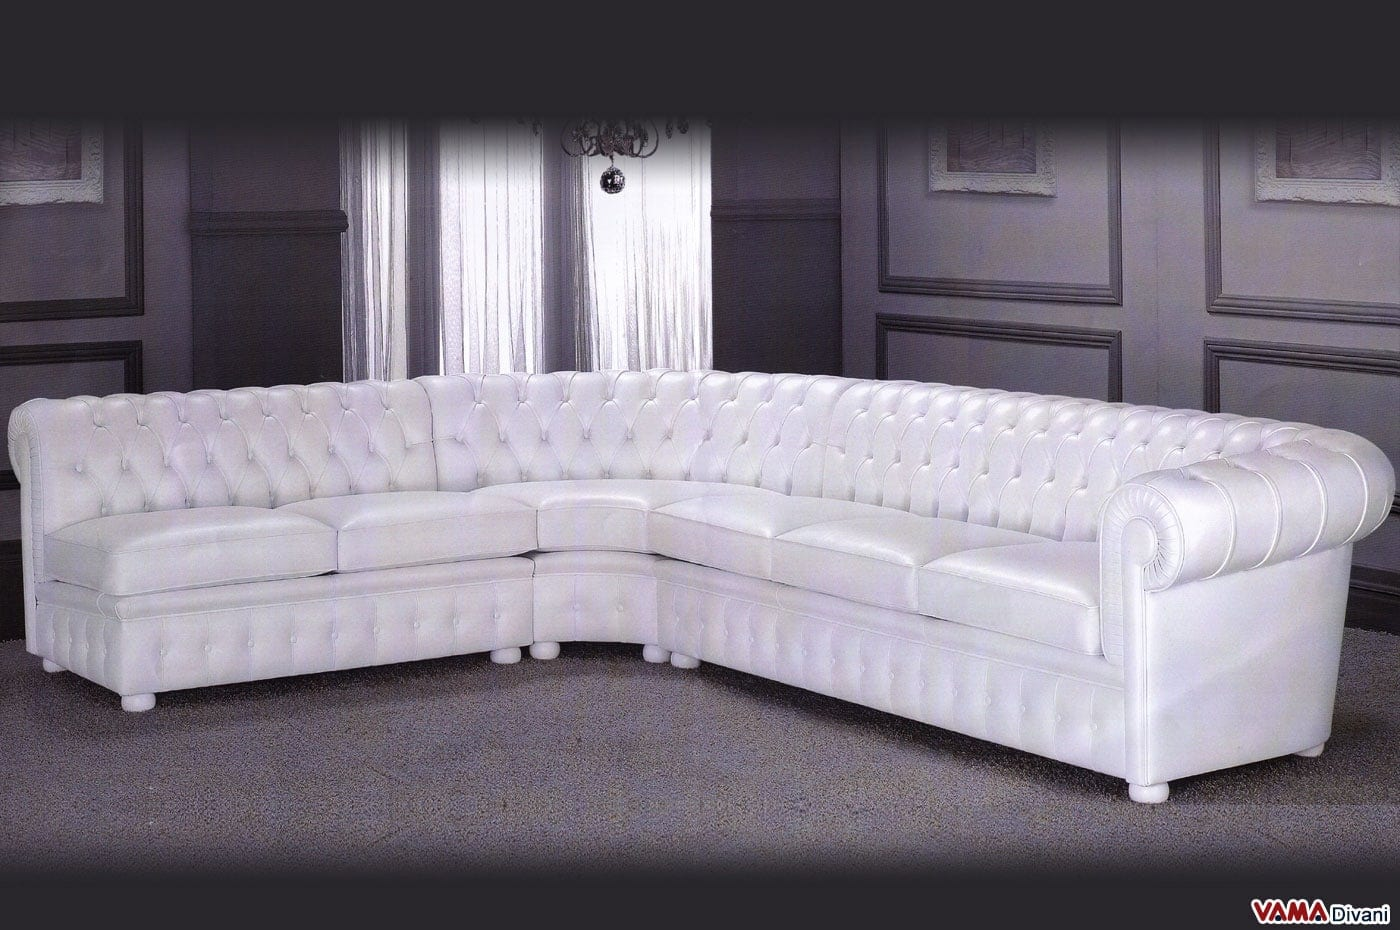 Divano chesterfield angolare con angolo tondo in vera pelle - Dimensioni divano ad angolo ...